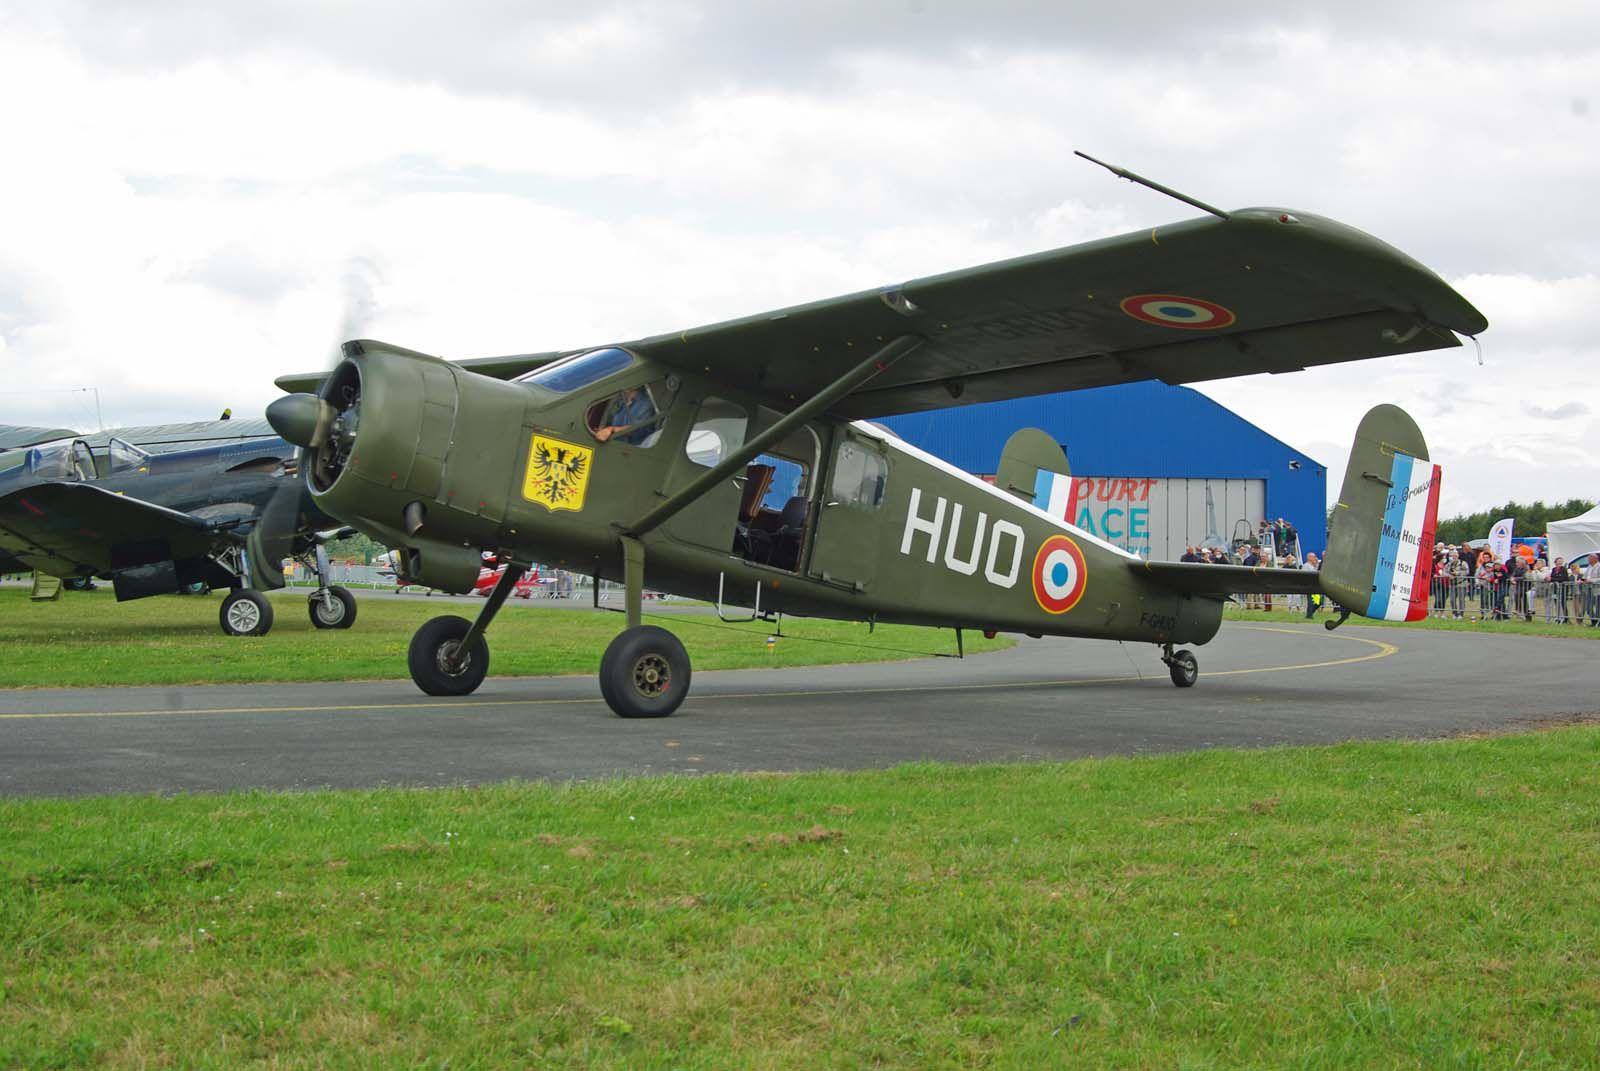 Les avions basé localement font leur show avec le Max Holste 1521 Broussard N°299 F-GHUO.